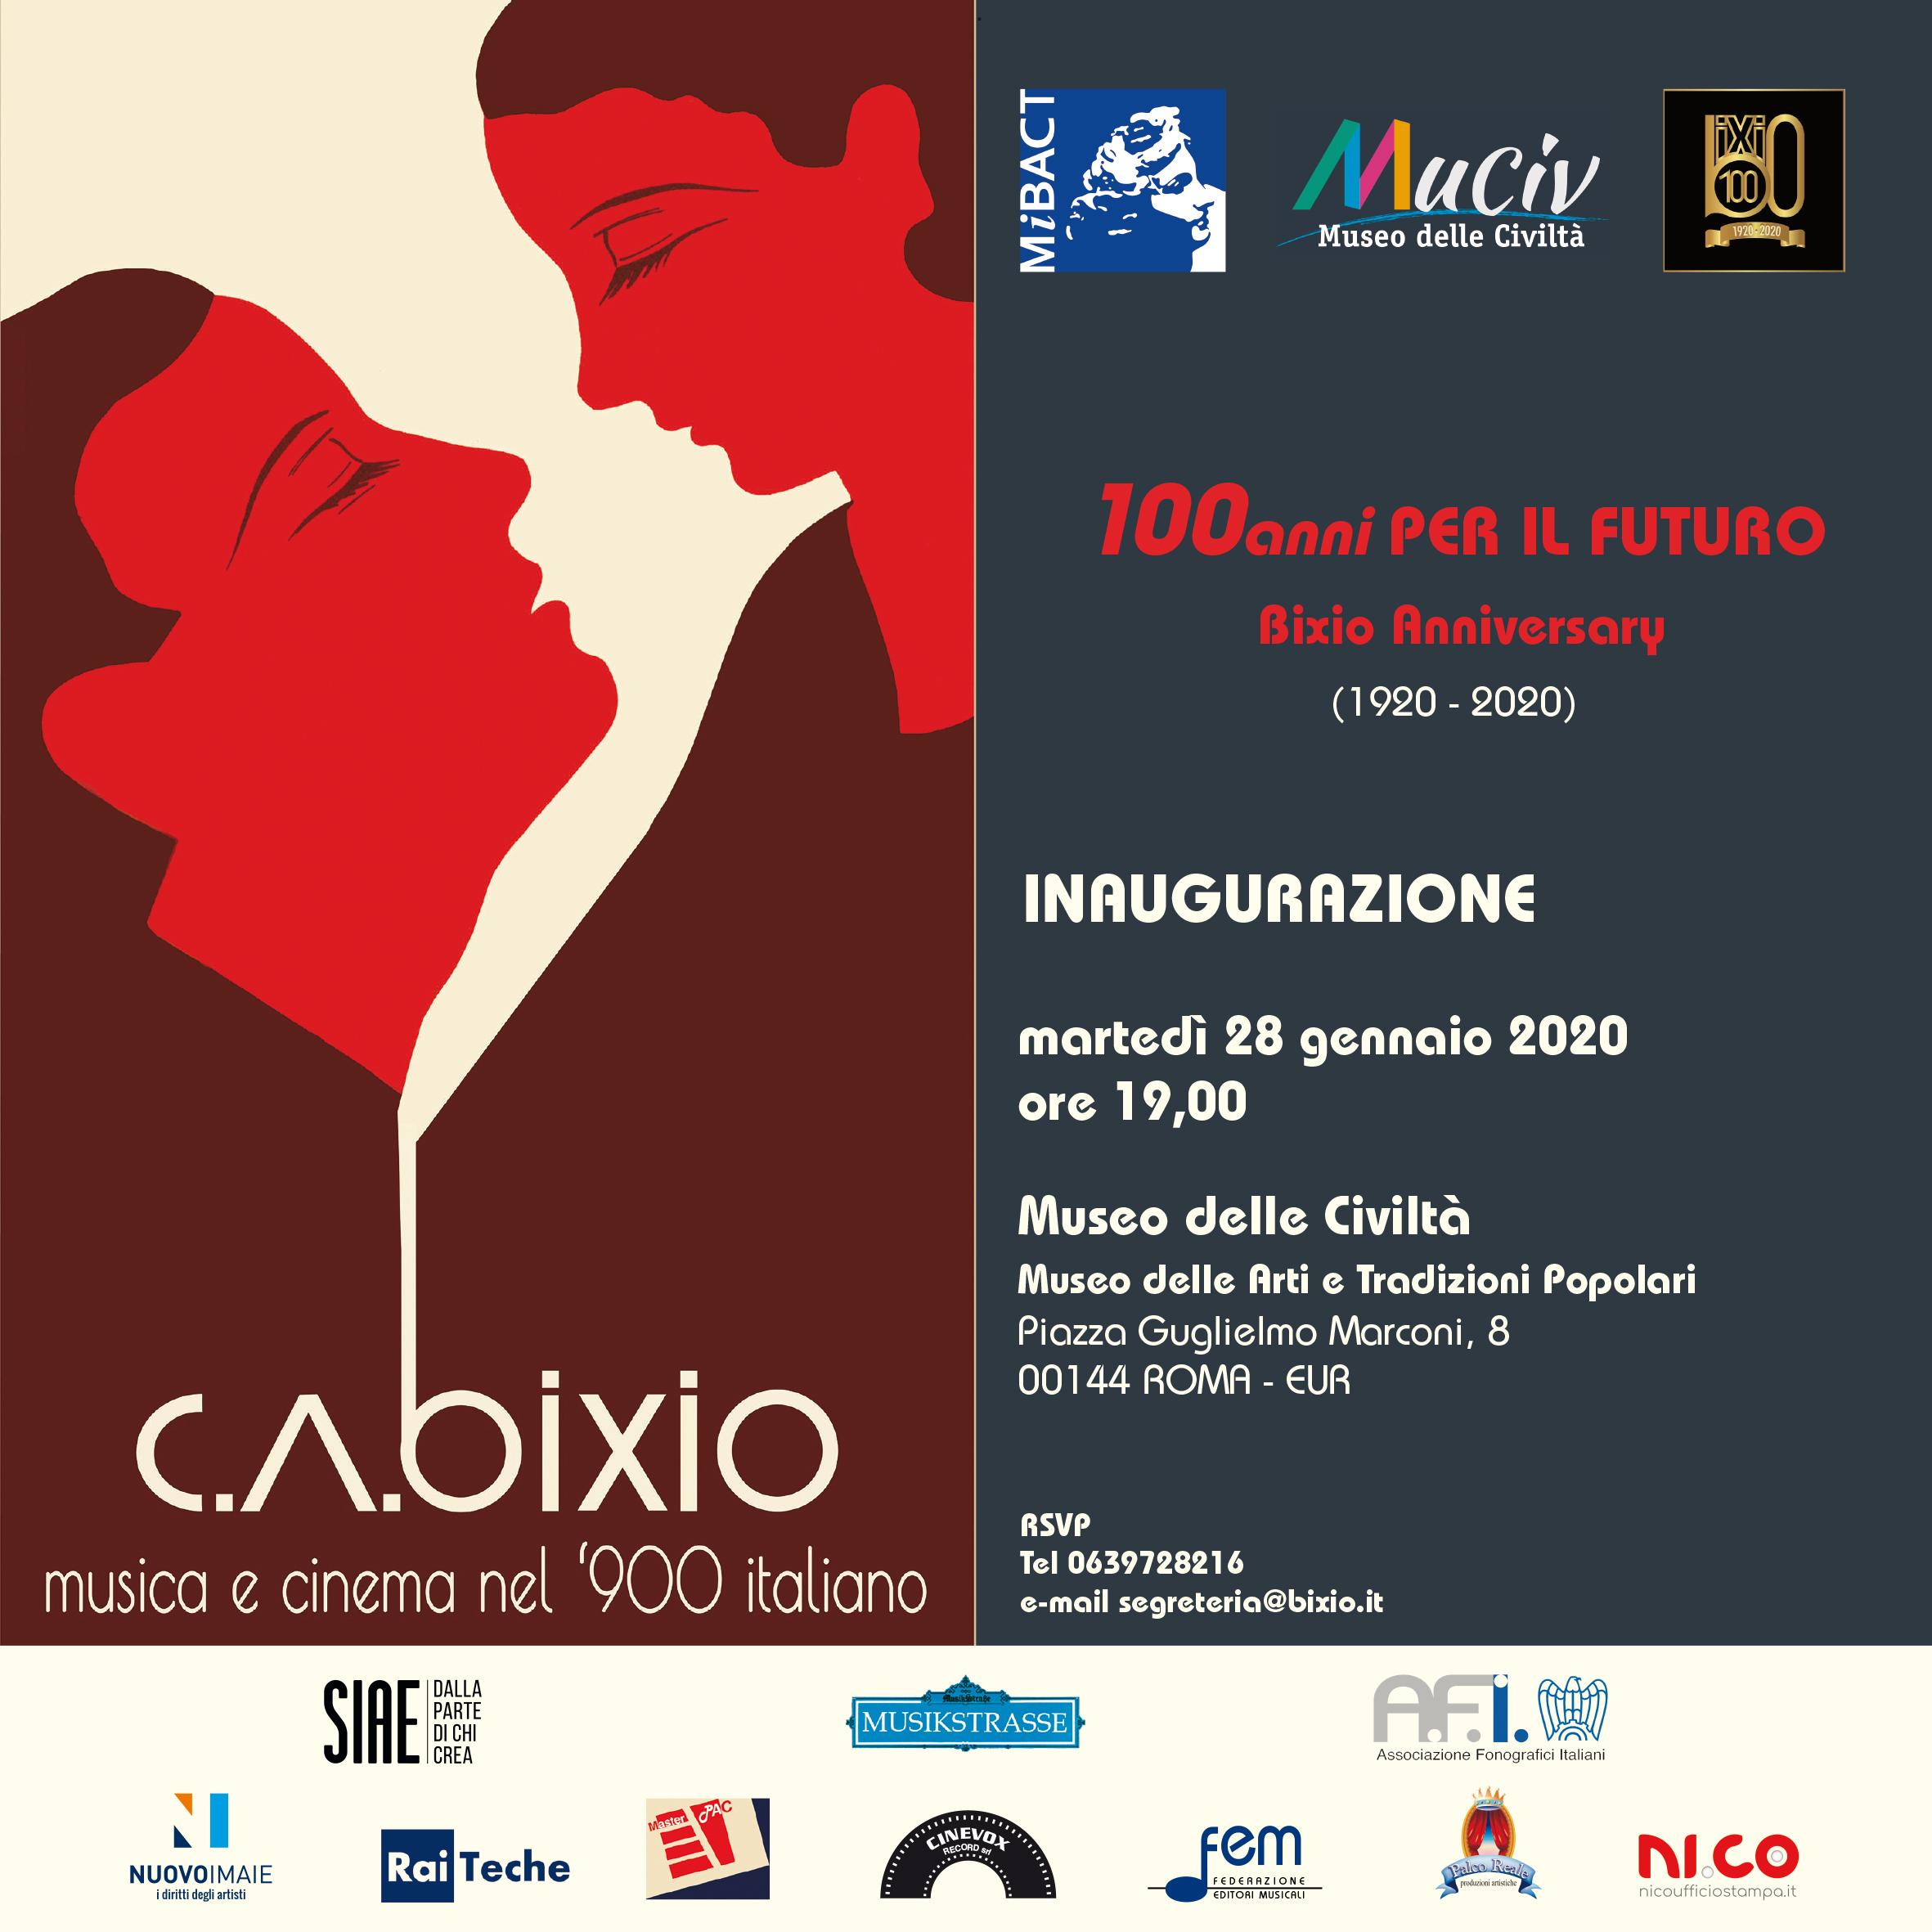 C.A. Bixio – Musica e Cinema nel '900 italiano, la mostra dal 29 gennaio